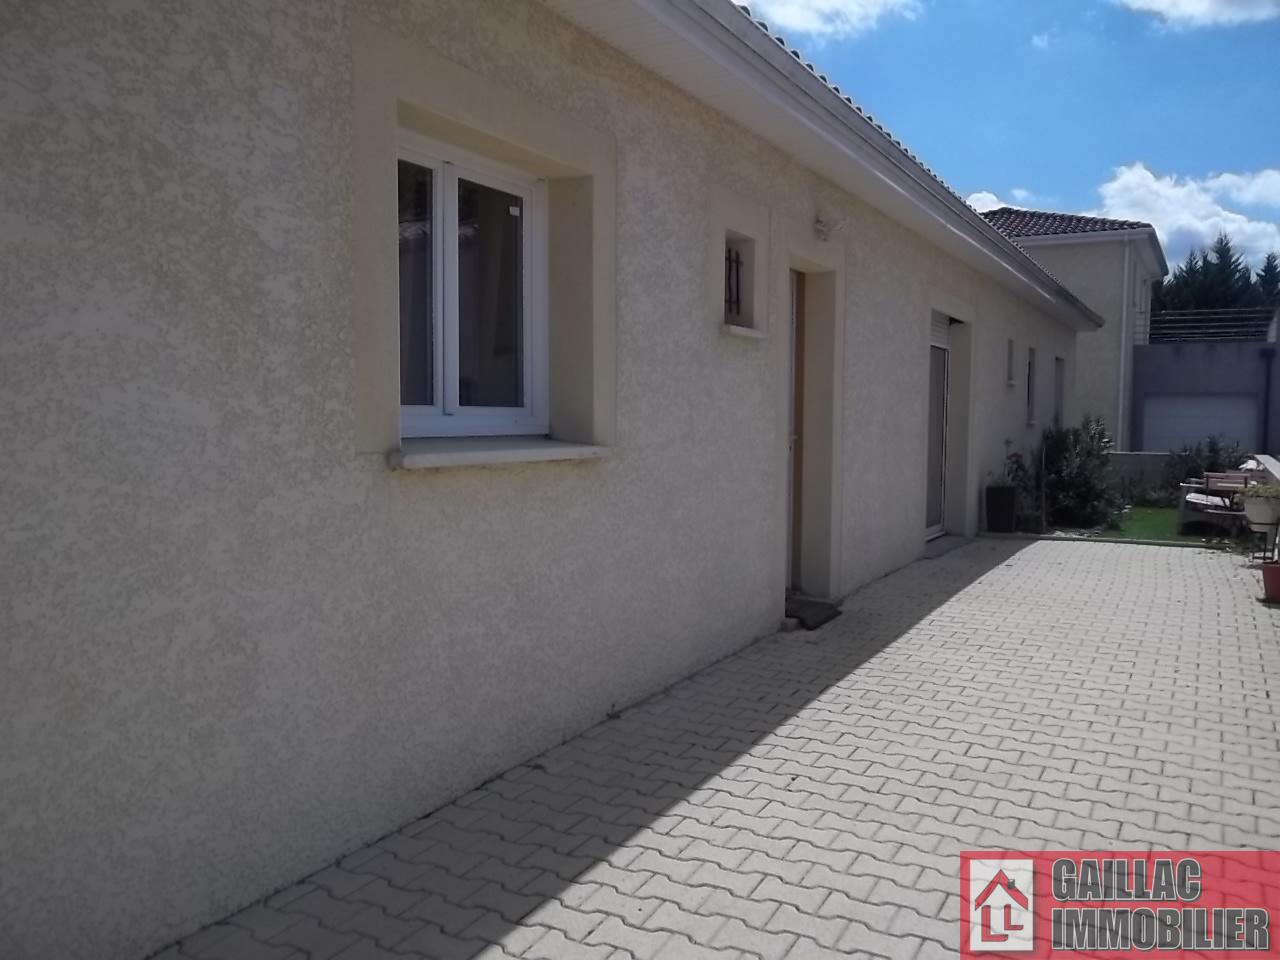 Offres de vente Villa Gaillac 81600